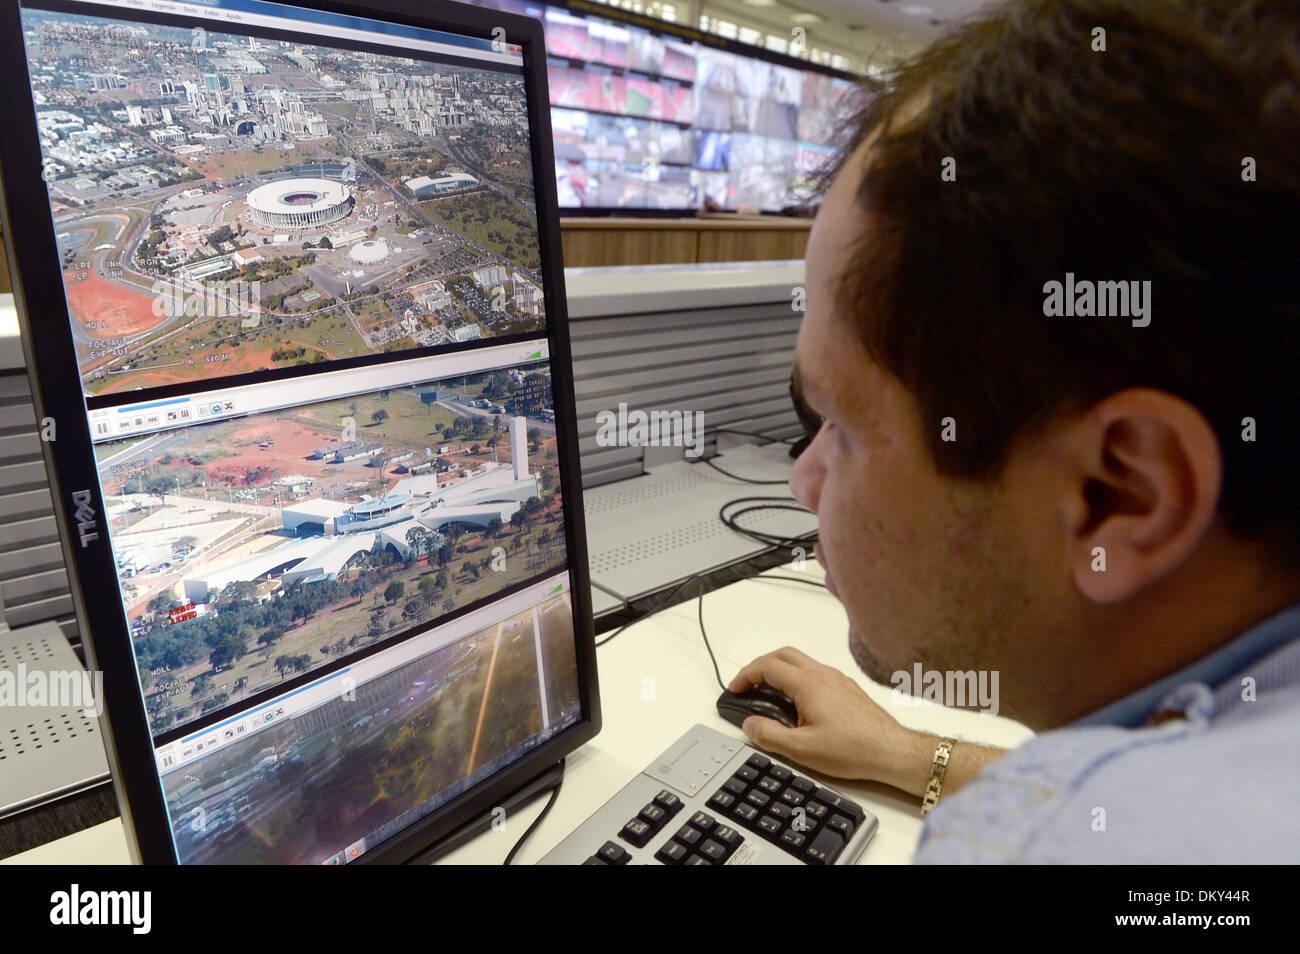 Ein Mitarbeiter überwacht am 09.12.2013 Videoaufzeichnungen und Videokameras rund um das Stadion «Stadion Nacional Mane Garrincha» im SESGE (Extraordinary Security Secretariat for Major Events) des Justizministeriums in der brasilianischen Hauptstadt Brasilia. Das Estadio Nacional Mane Garrincha ist eines der Stadien während der Fußball-Weltmeisterschaft 2014 in Brasilien. Foto: Marcus Brandt/dpa - Stock Image